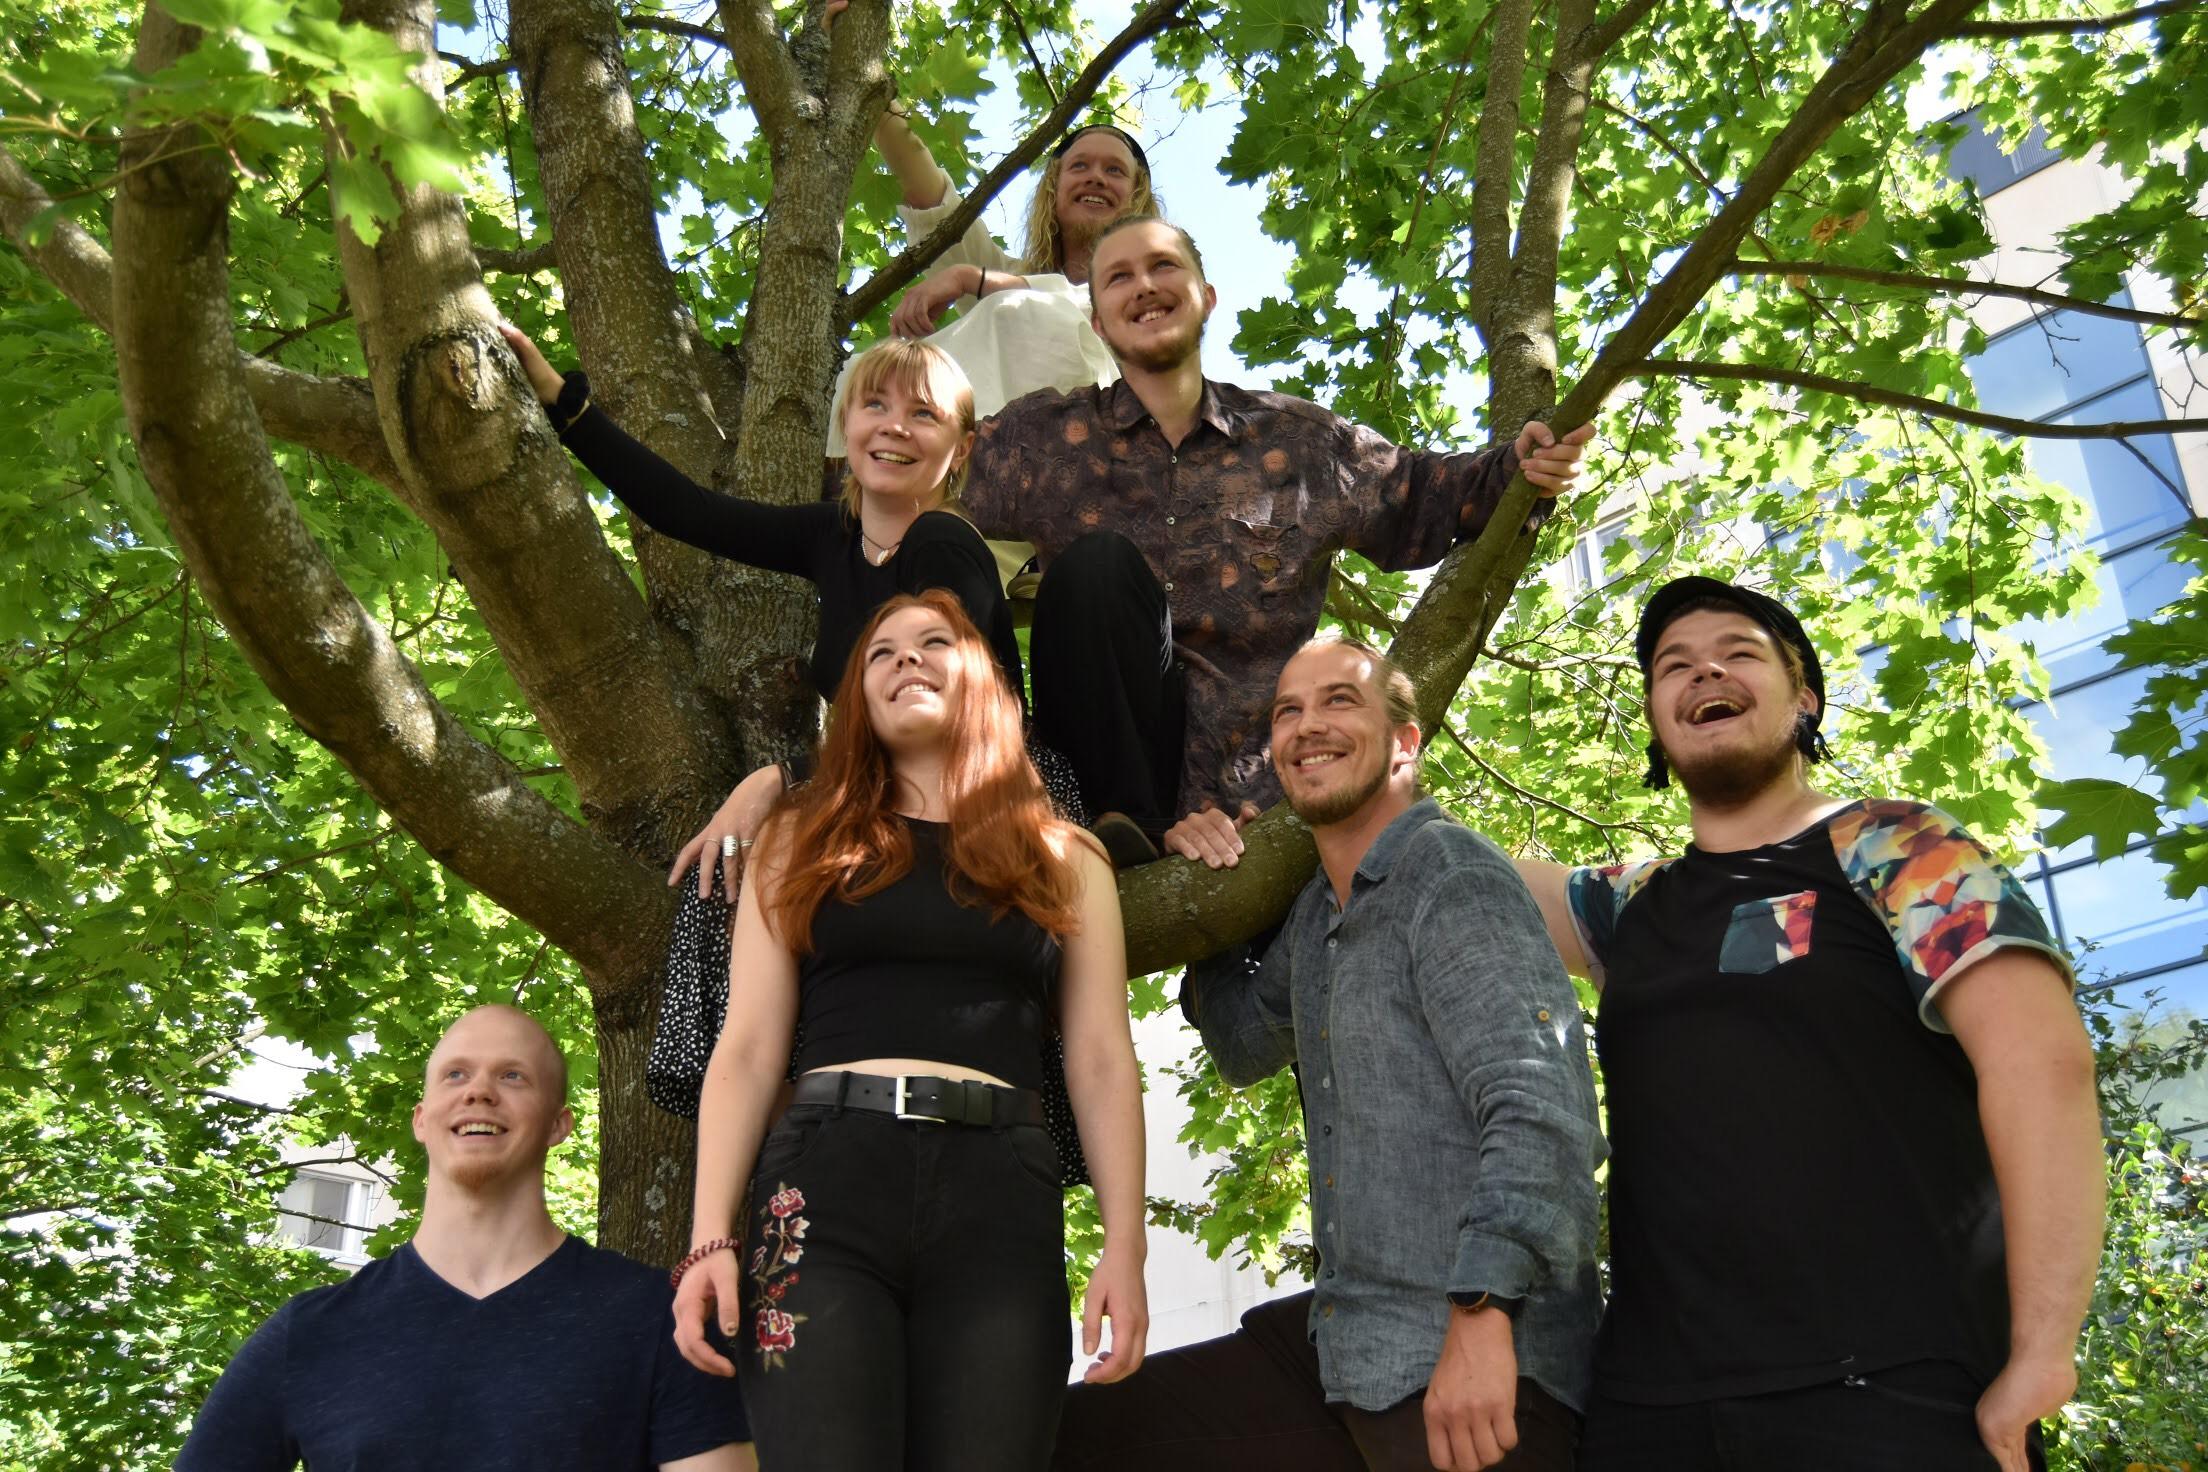 Salmon snake yhtye valokuvassa. Seitsemän hymyilevää nuorta aikuista vaahterassa.